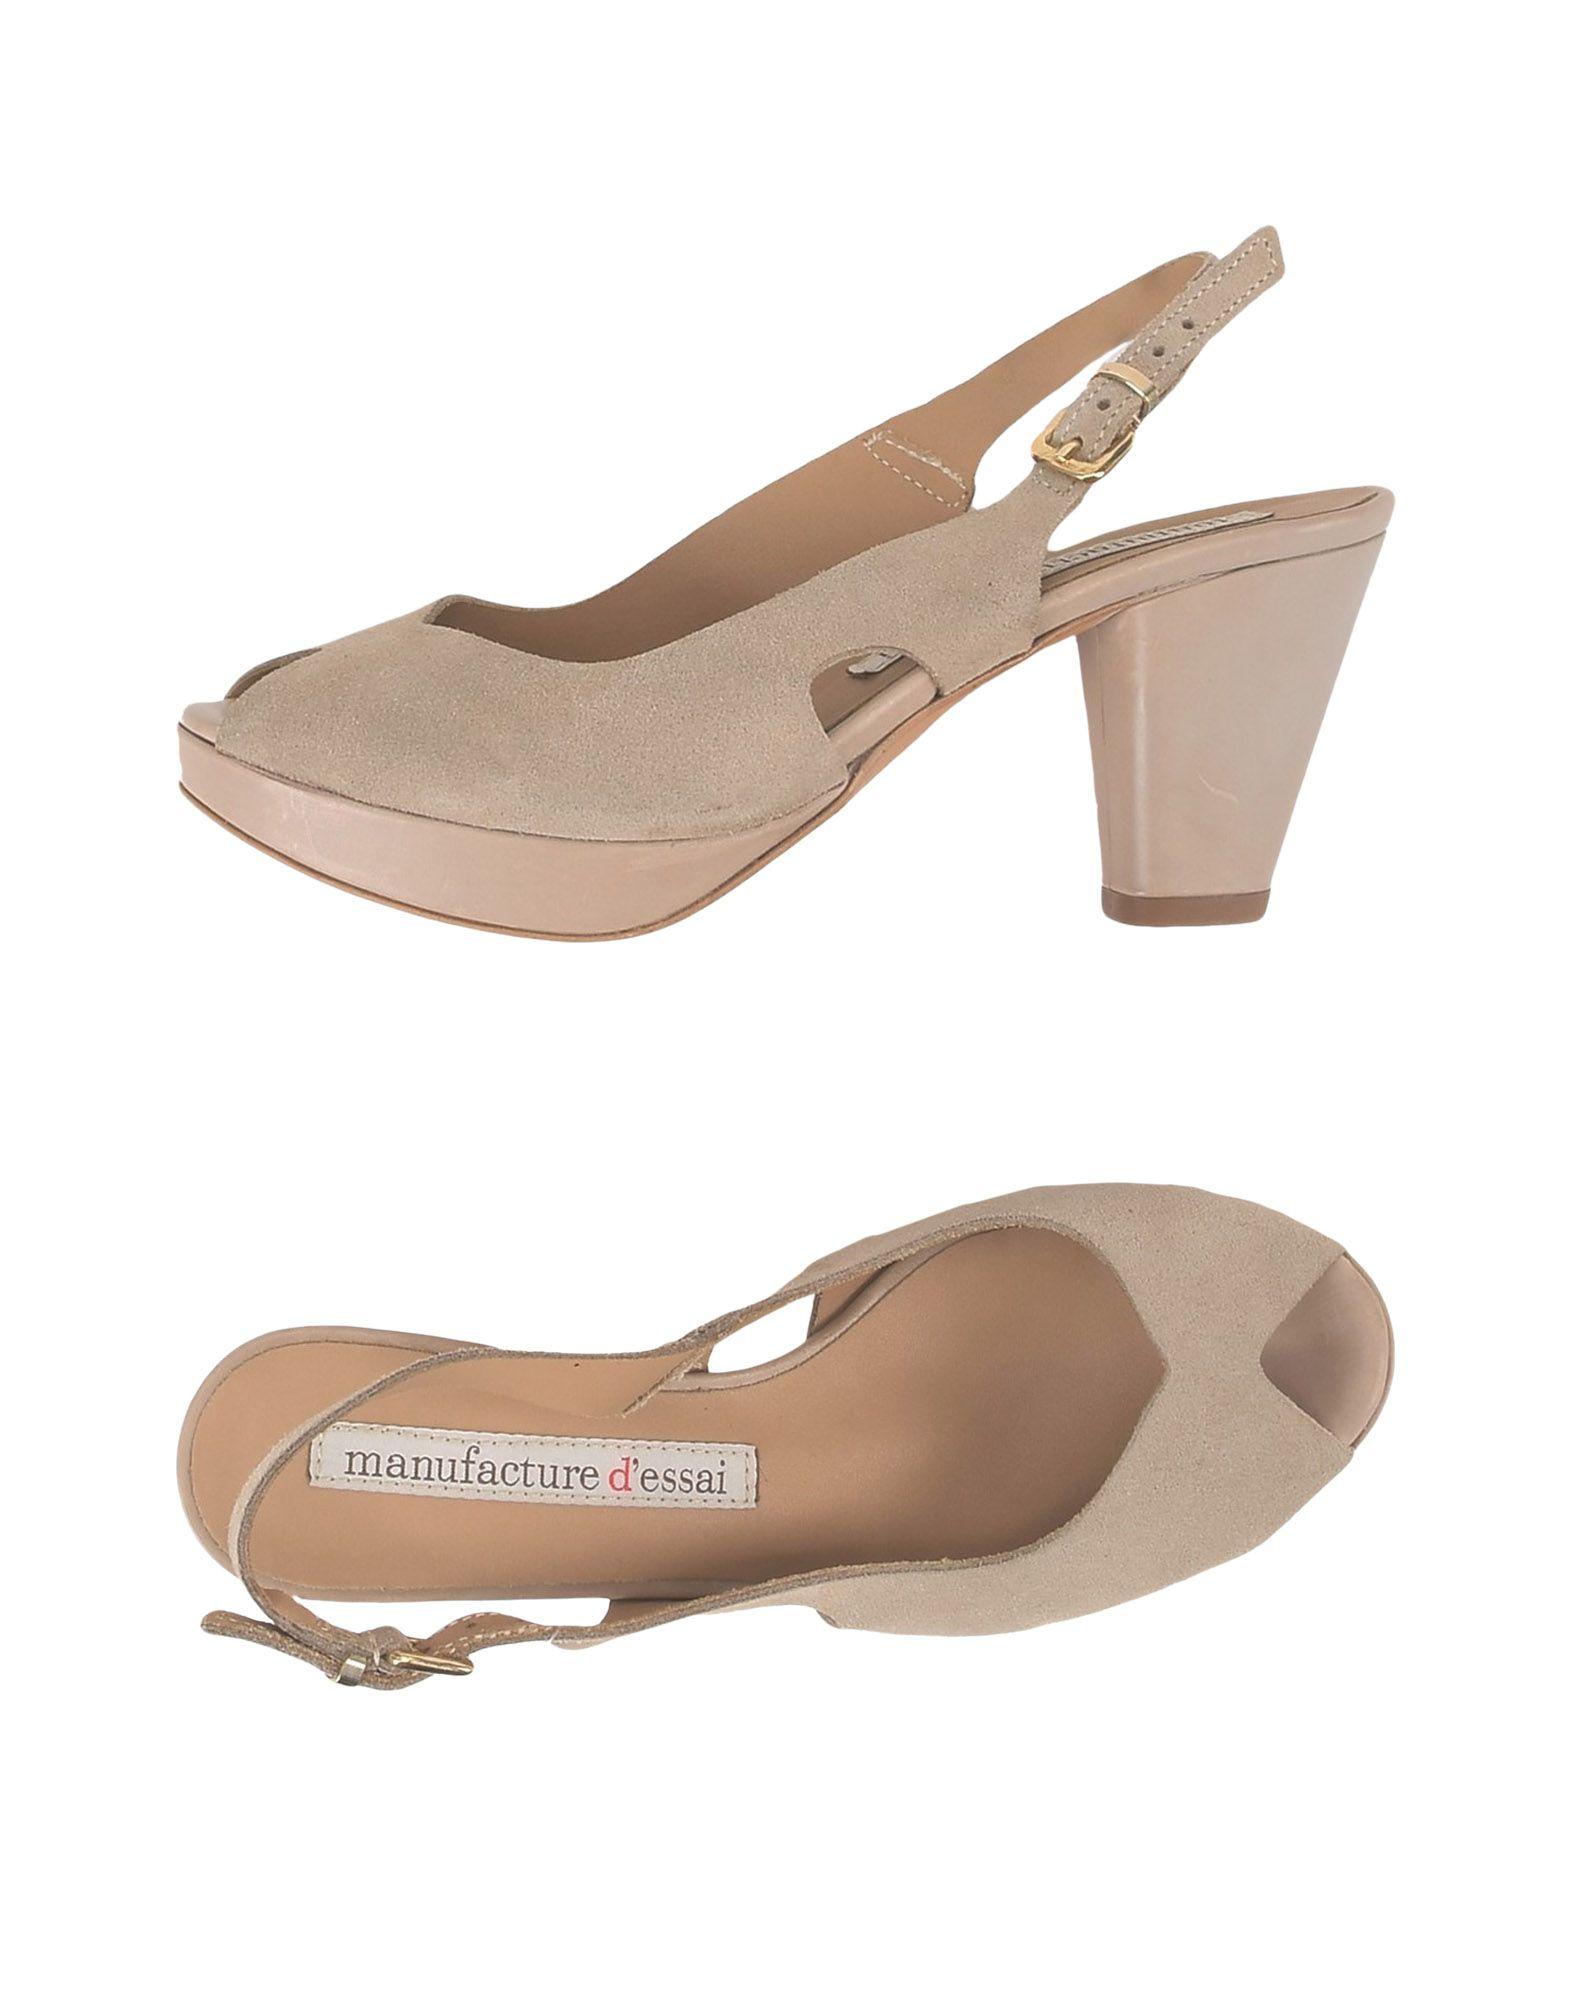 Manufacture D'essai Sandalen Damen  11500097GJ Gute Qualität beliebte Schuhe